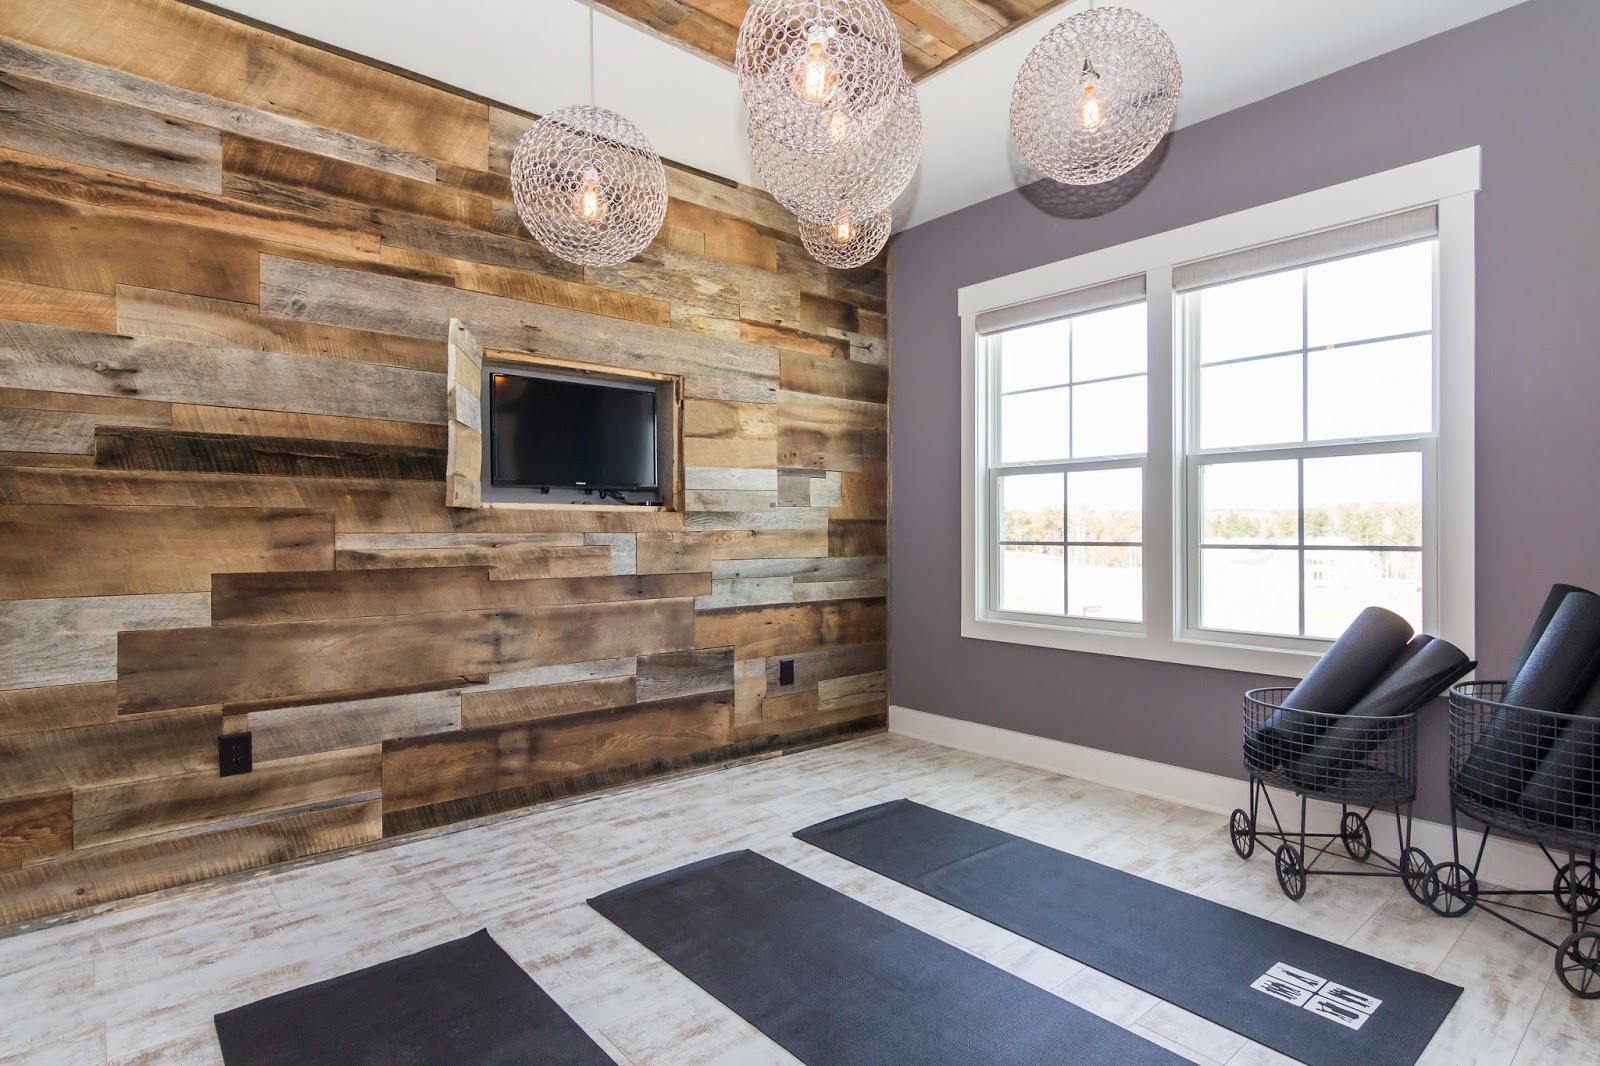 yoga inspired bedroom design home design. Black Bedroom Furniture Sets. Home Design Ideas